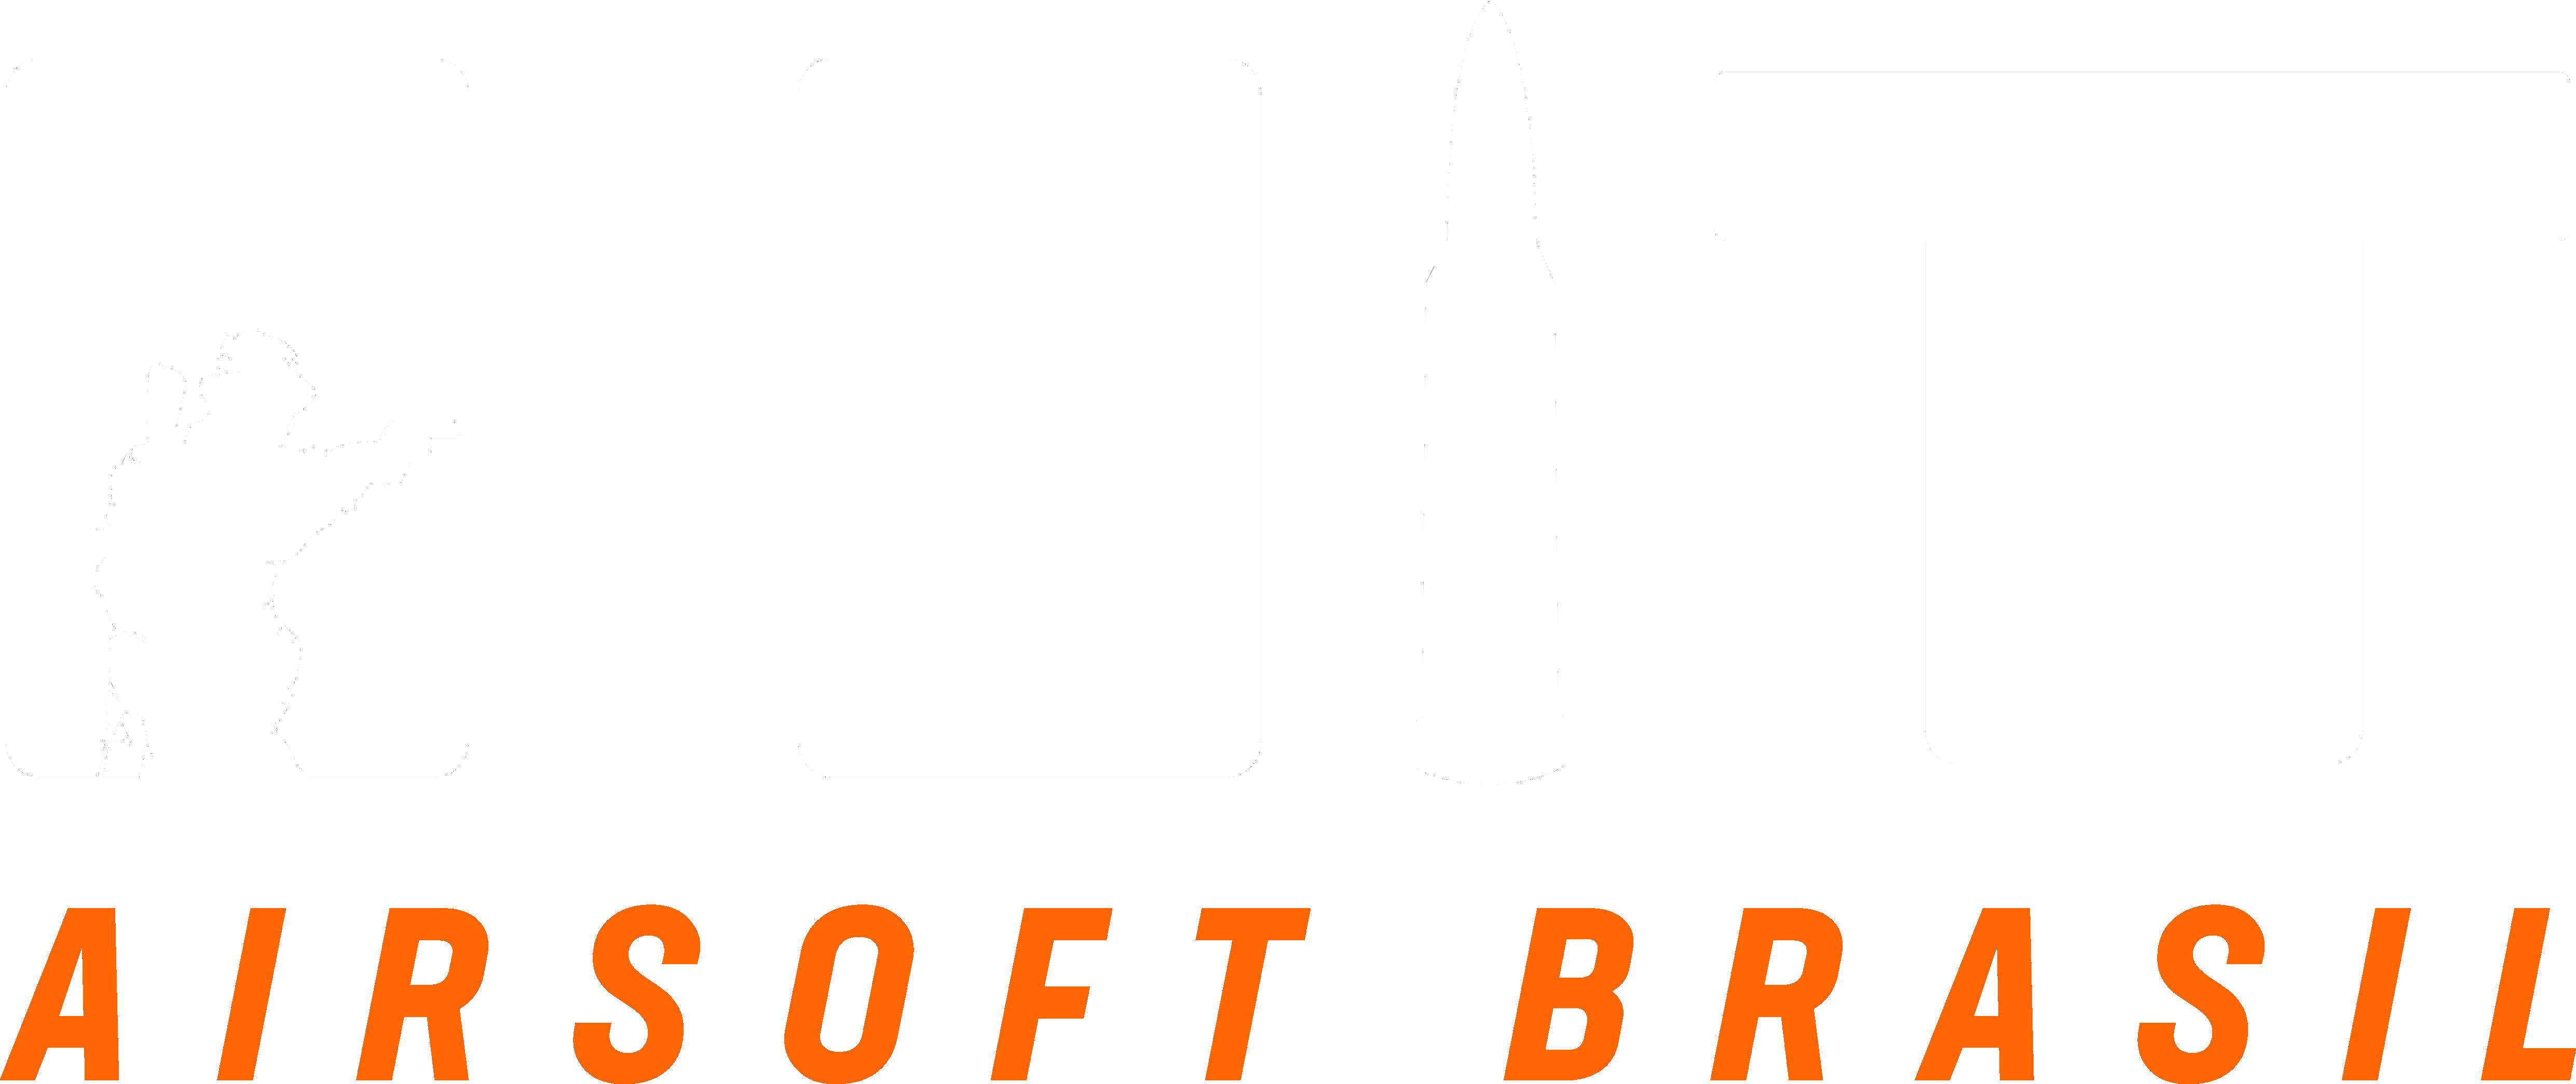 Hit Airsoft Brasil